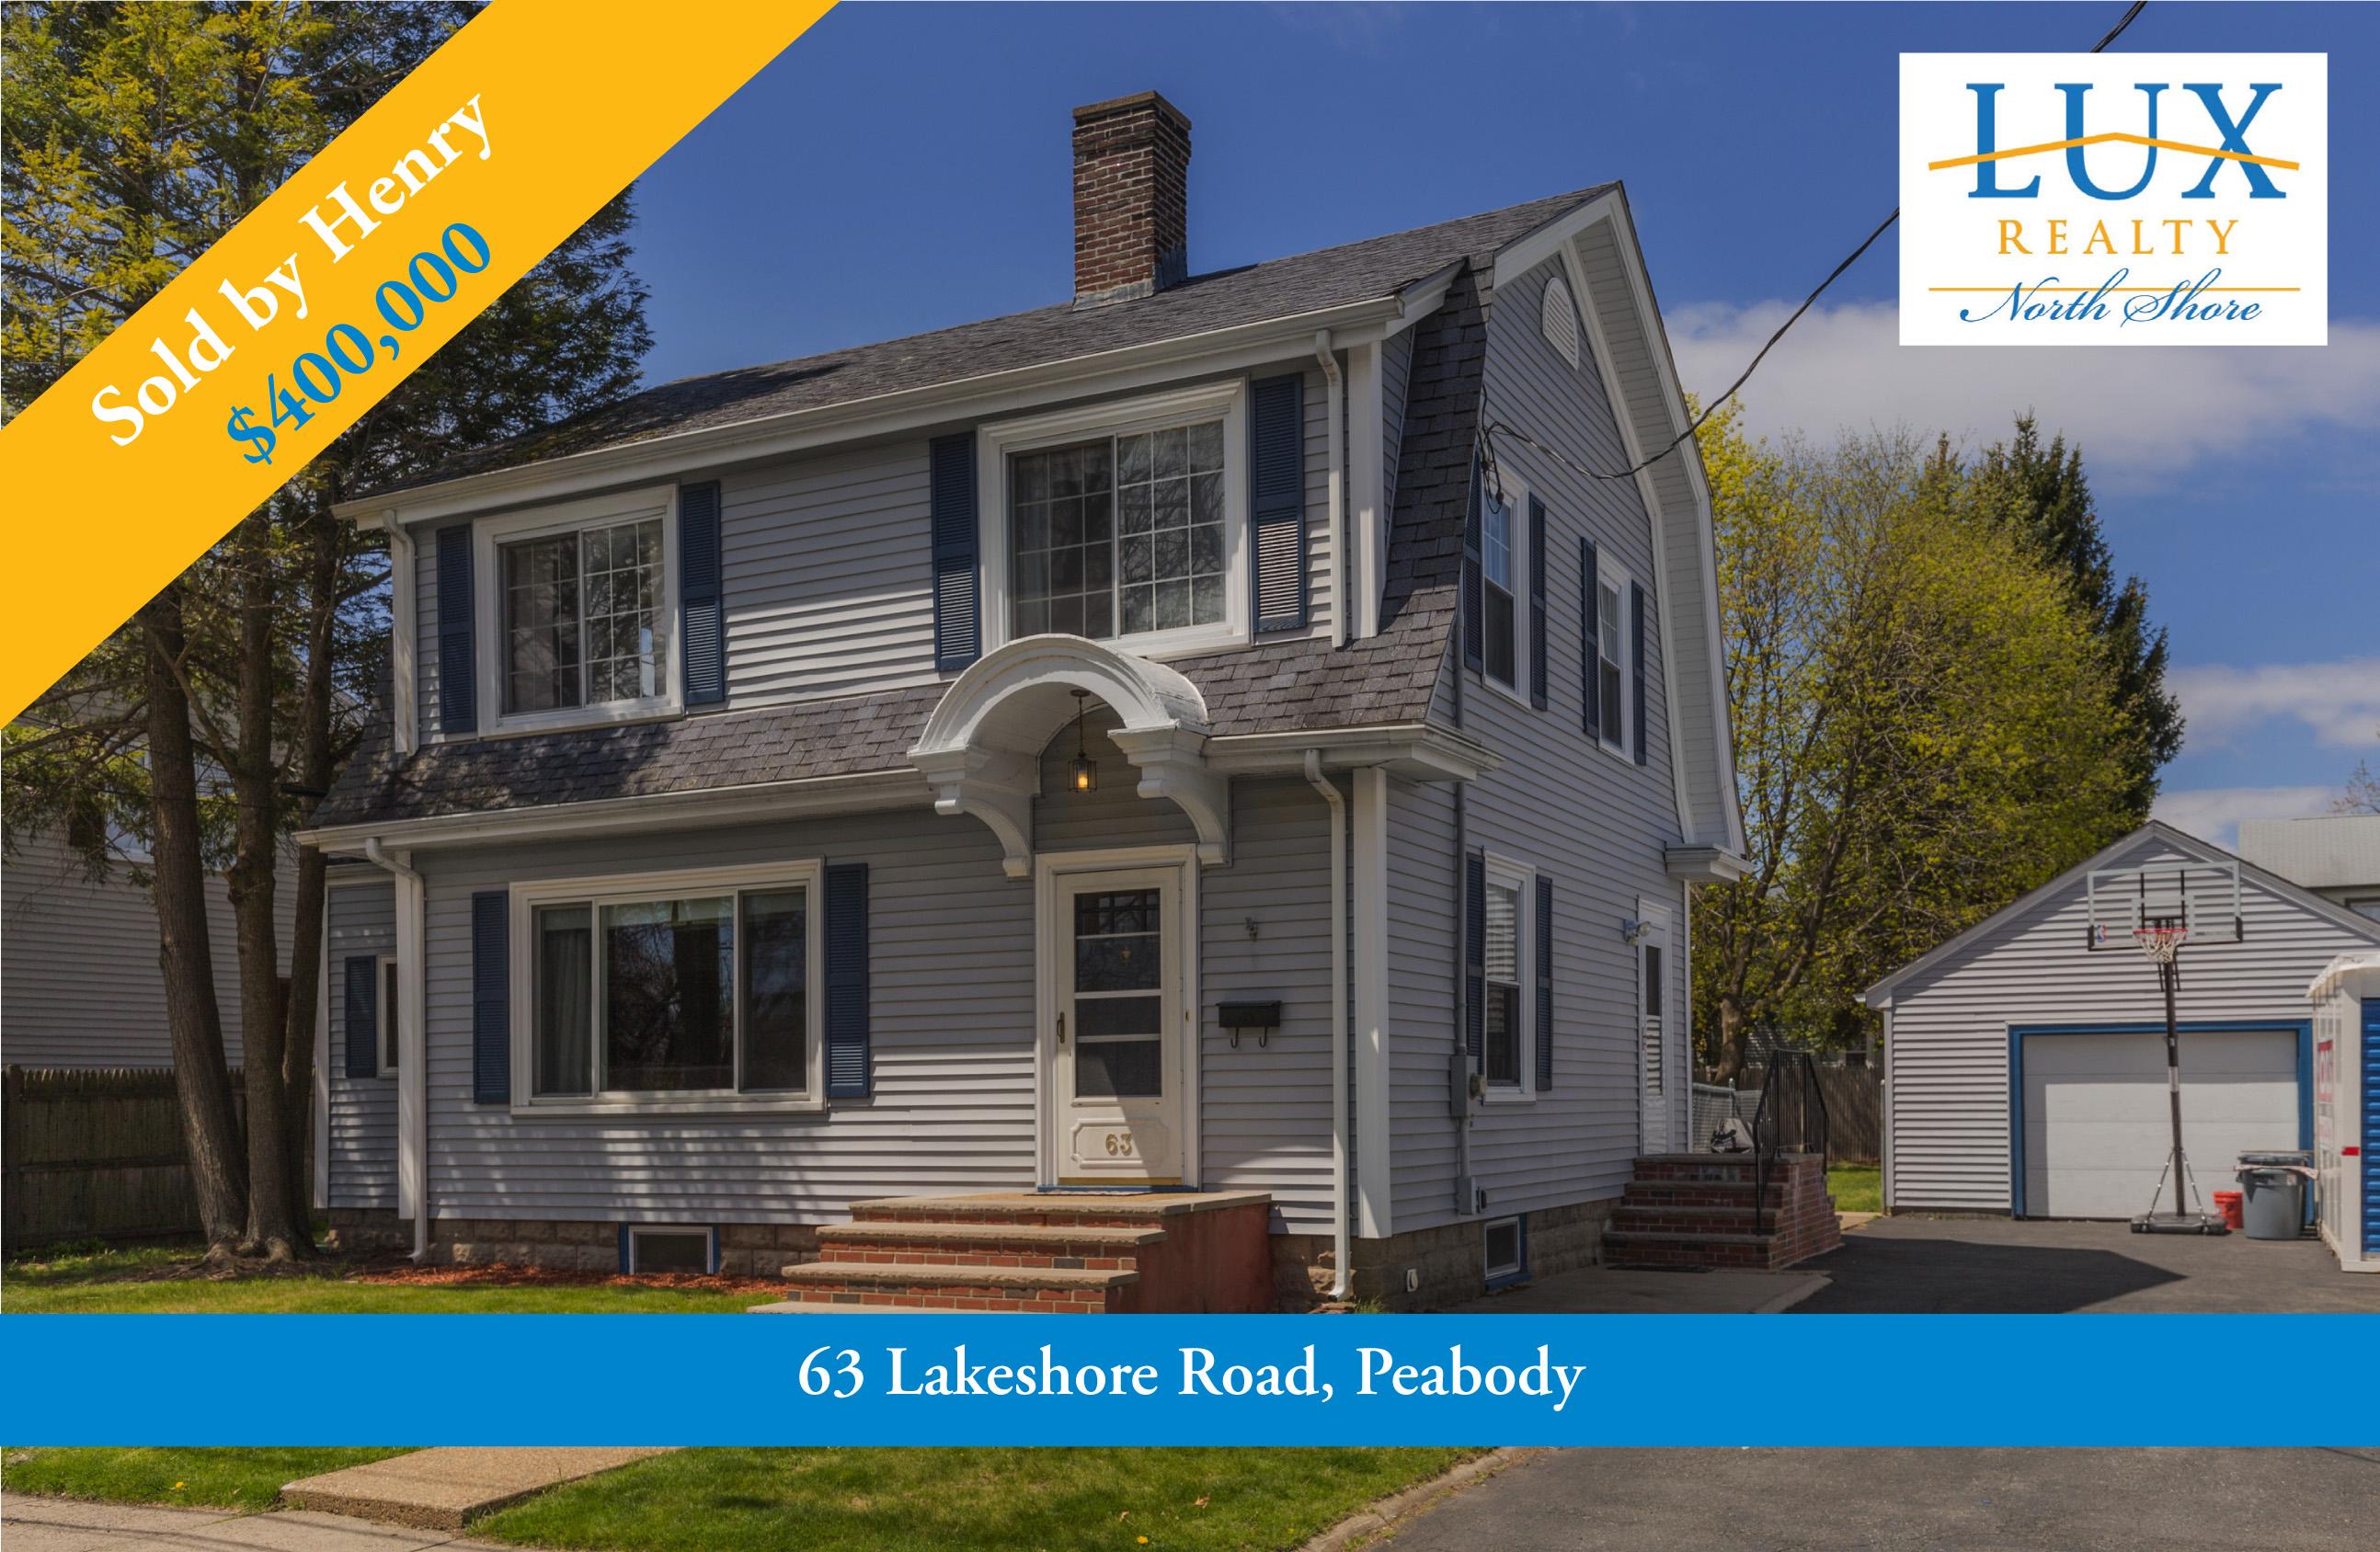 Lakeshore Road Peabody